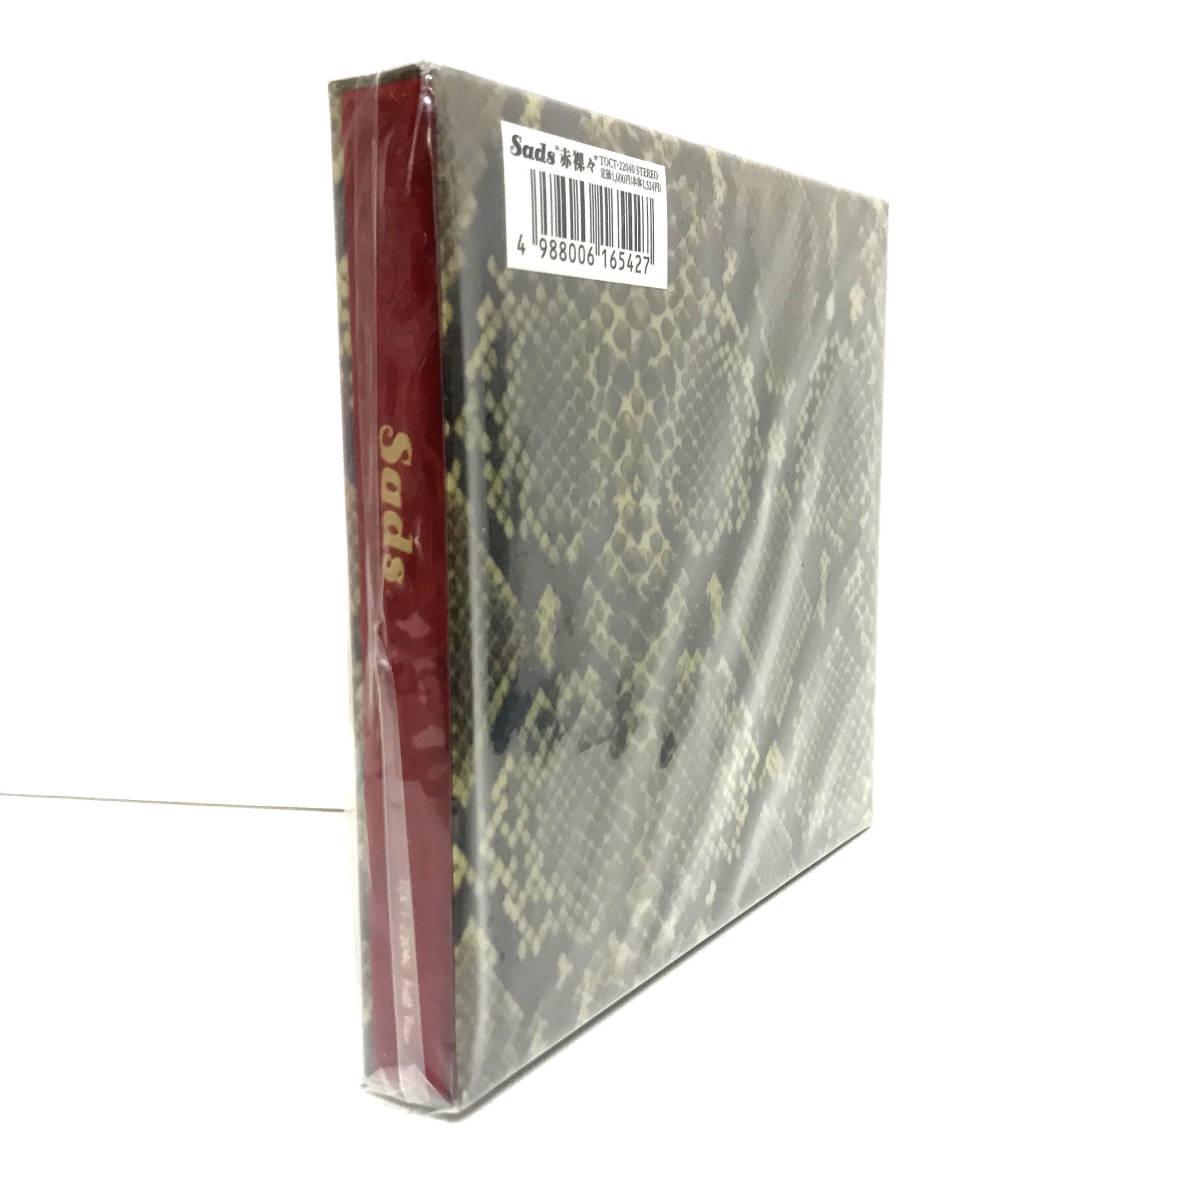 【未開封】 Sads サッズ 赤裸々限定盤 メディア付CD 清春 黒夢_画像1